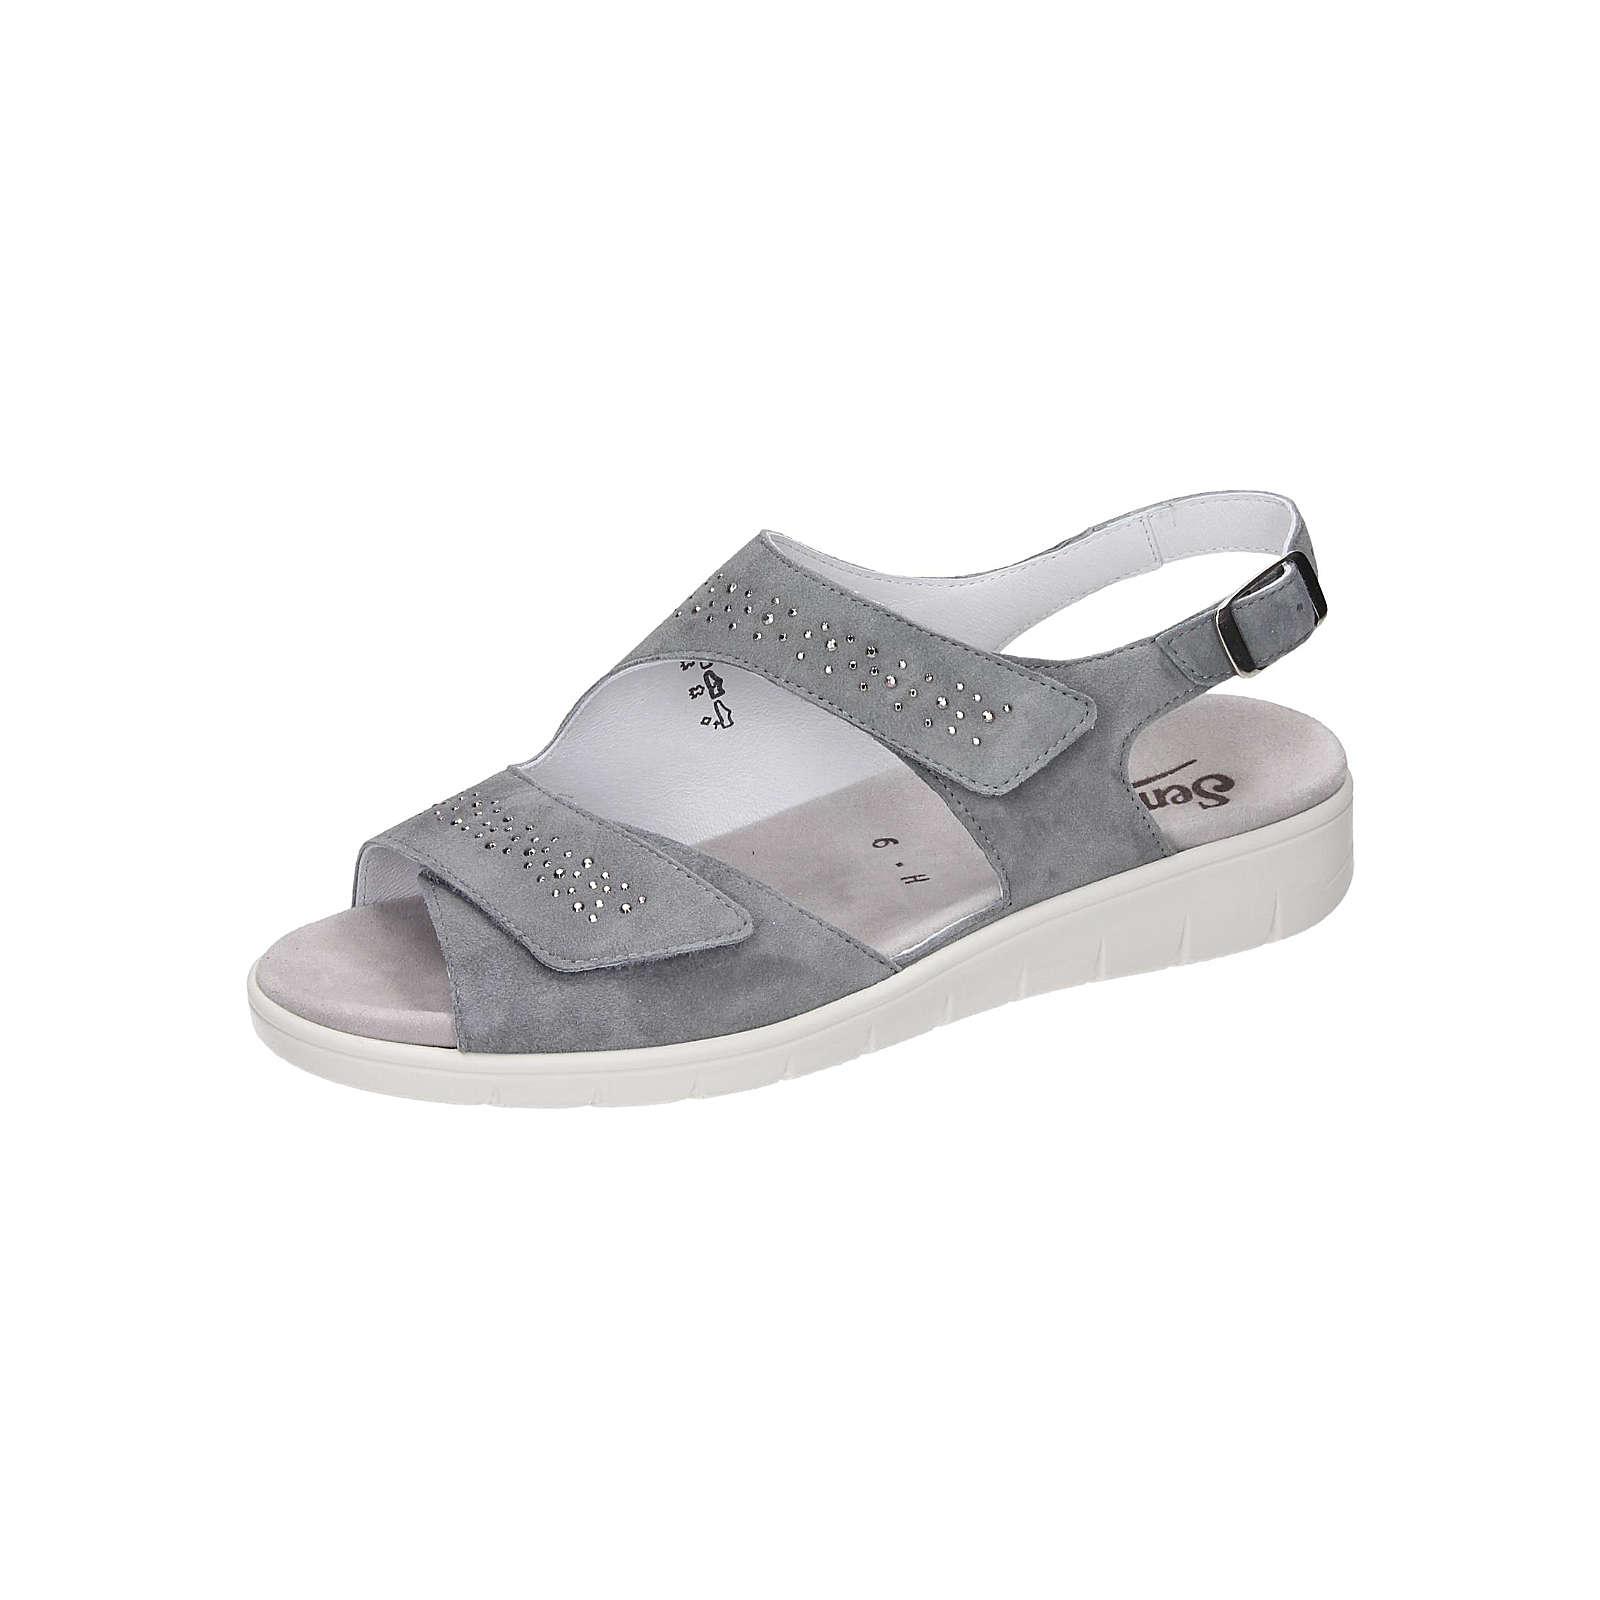 semler klassische sandalen blau grau g nstig schnell einkaufen. Black Bedroom Furniture Sets. Home Design Ideas